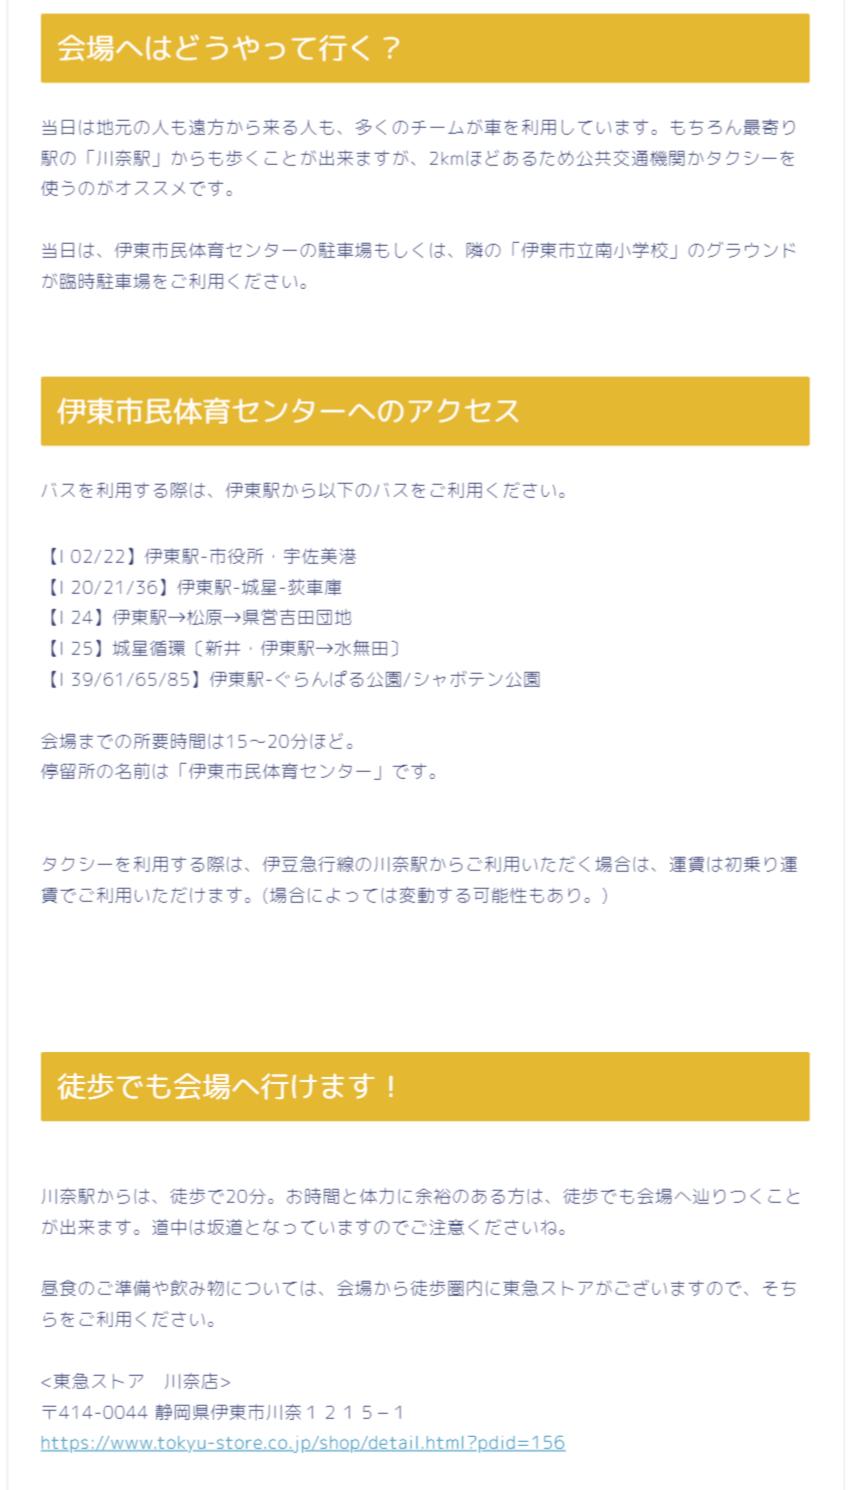 盗用サイト「まくら投げマガジン」